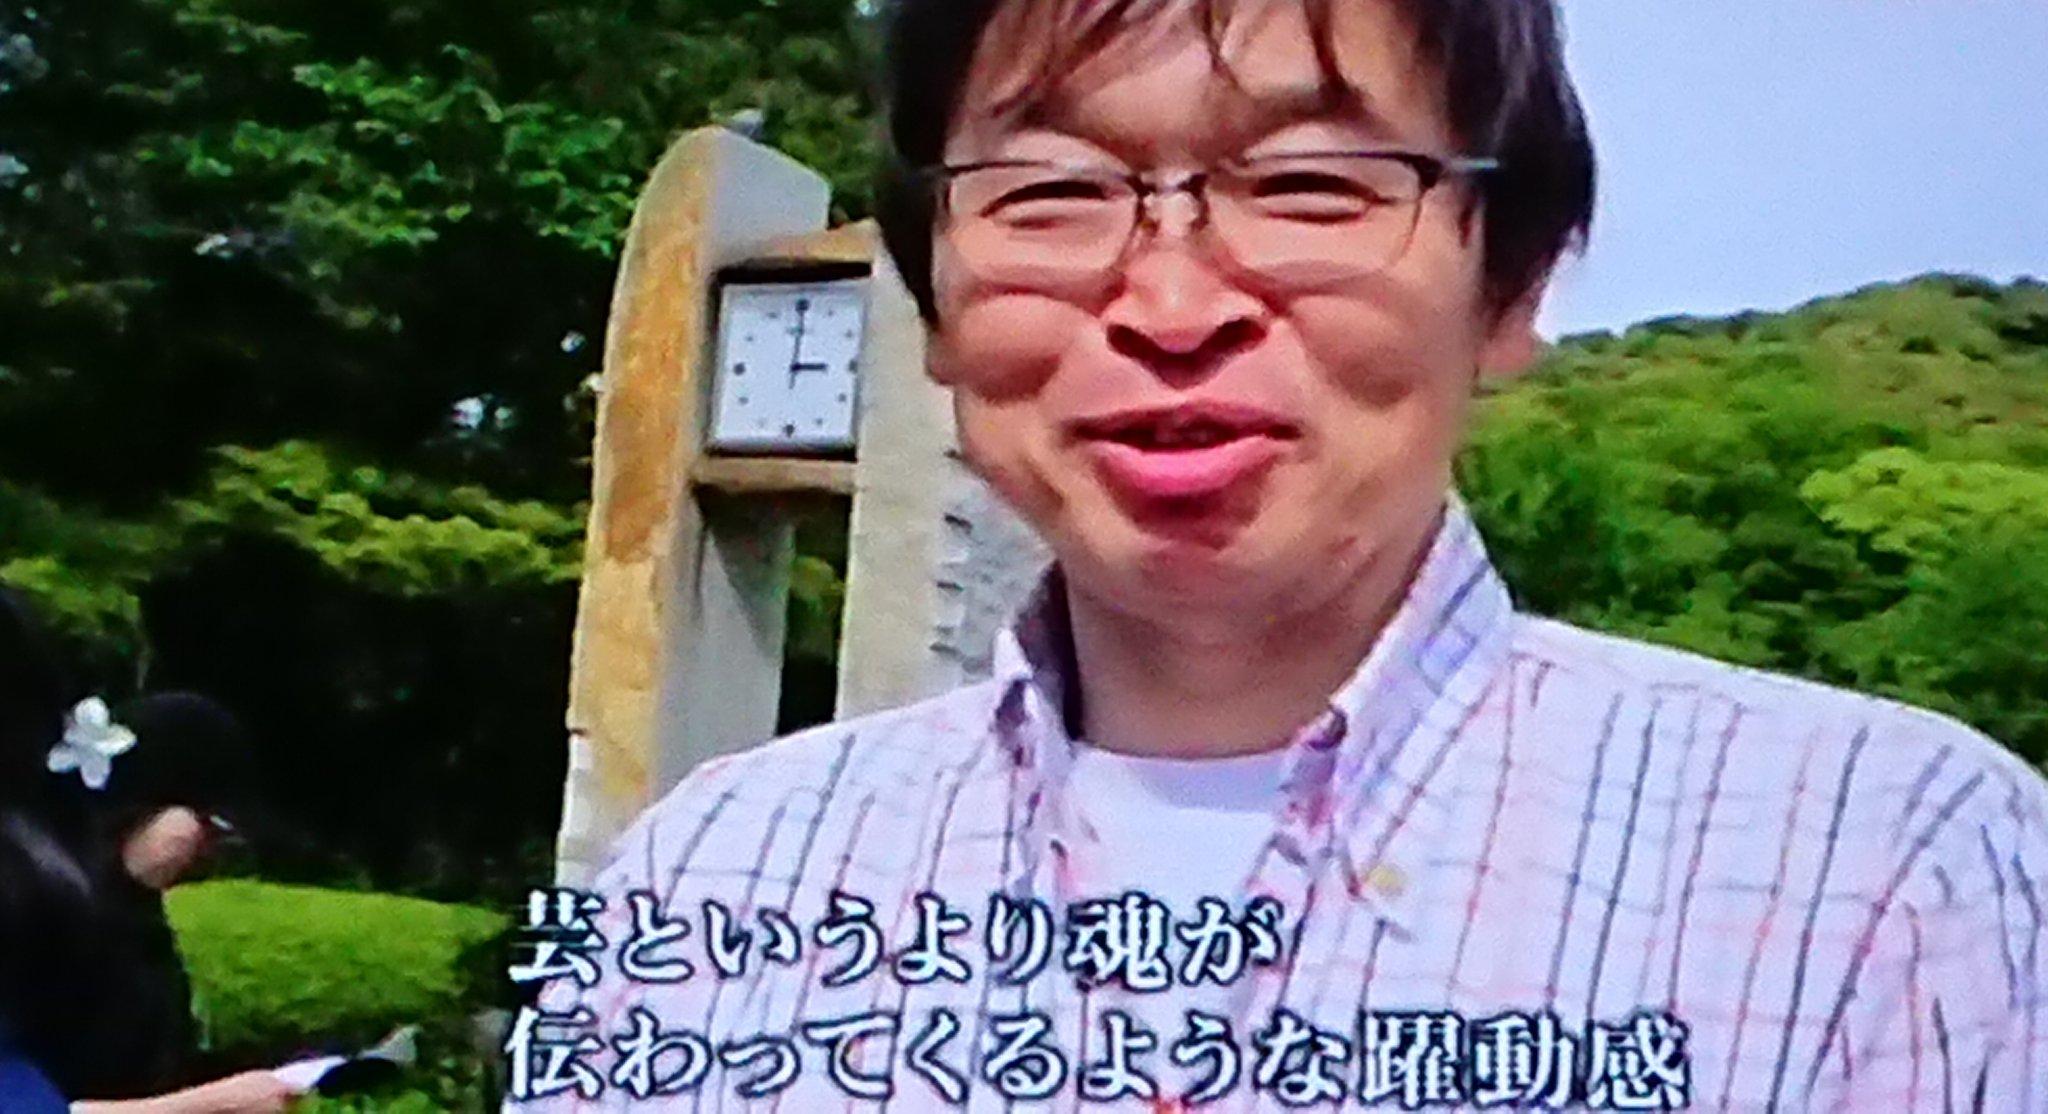 ギリヤーク尼ヶ崎ノンフィクション